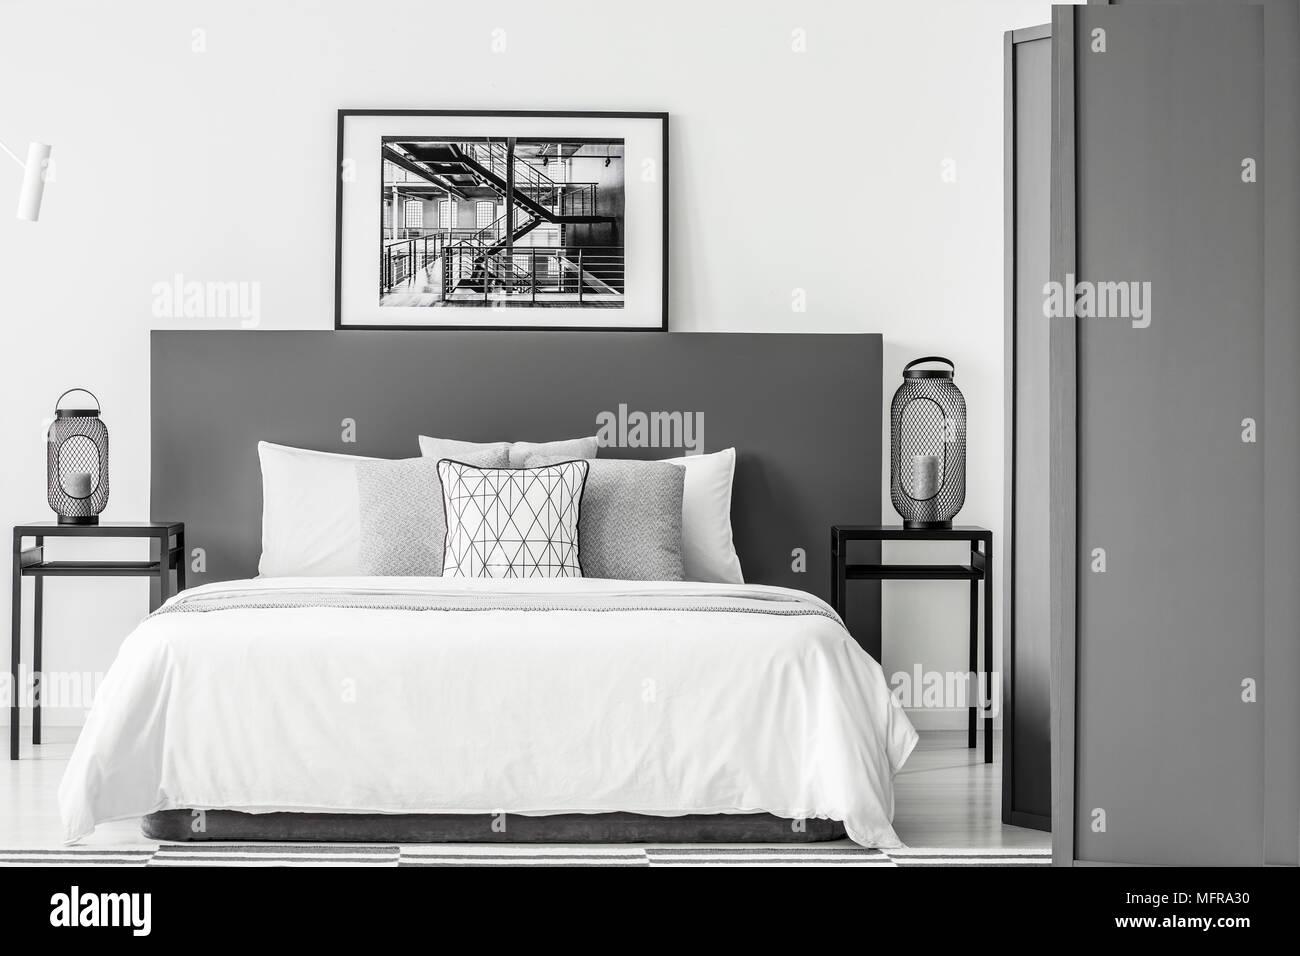 Schwarz-weiss Poster auf BEDHEAD von Bett im Schlafzimmer ...